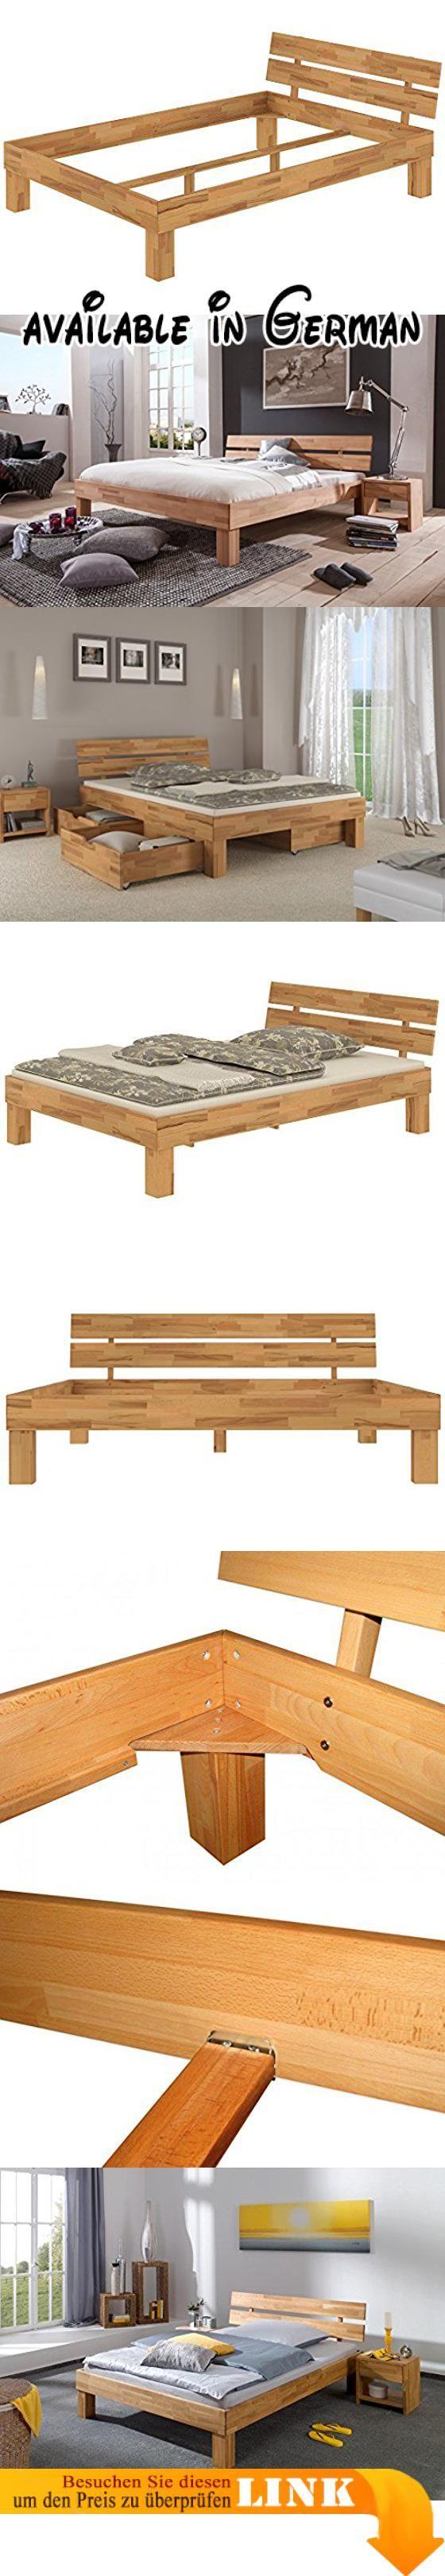 B012N3LEEW Futonbett Französisches Bett Doppelbett